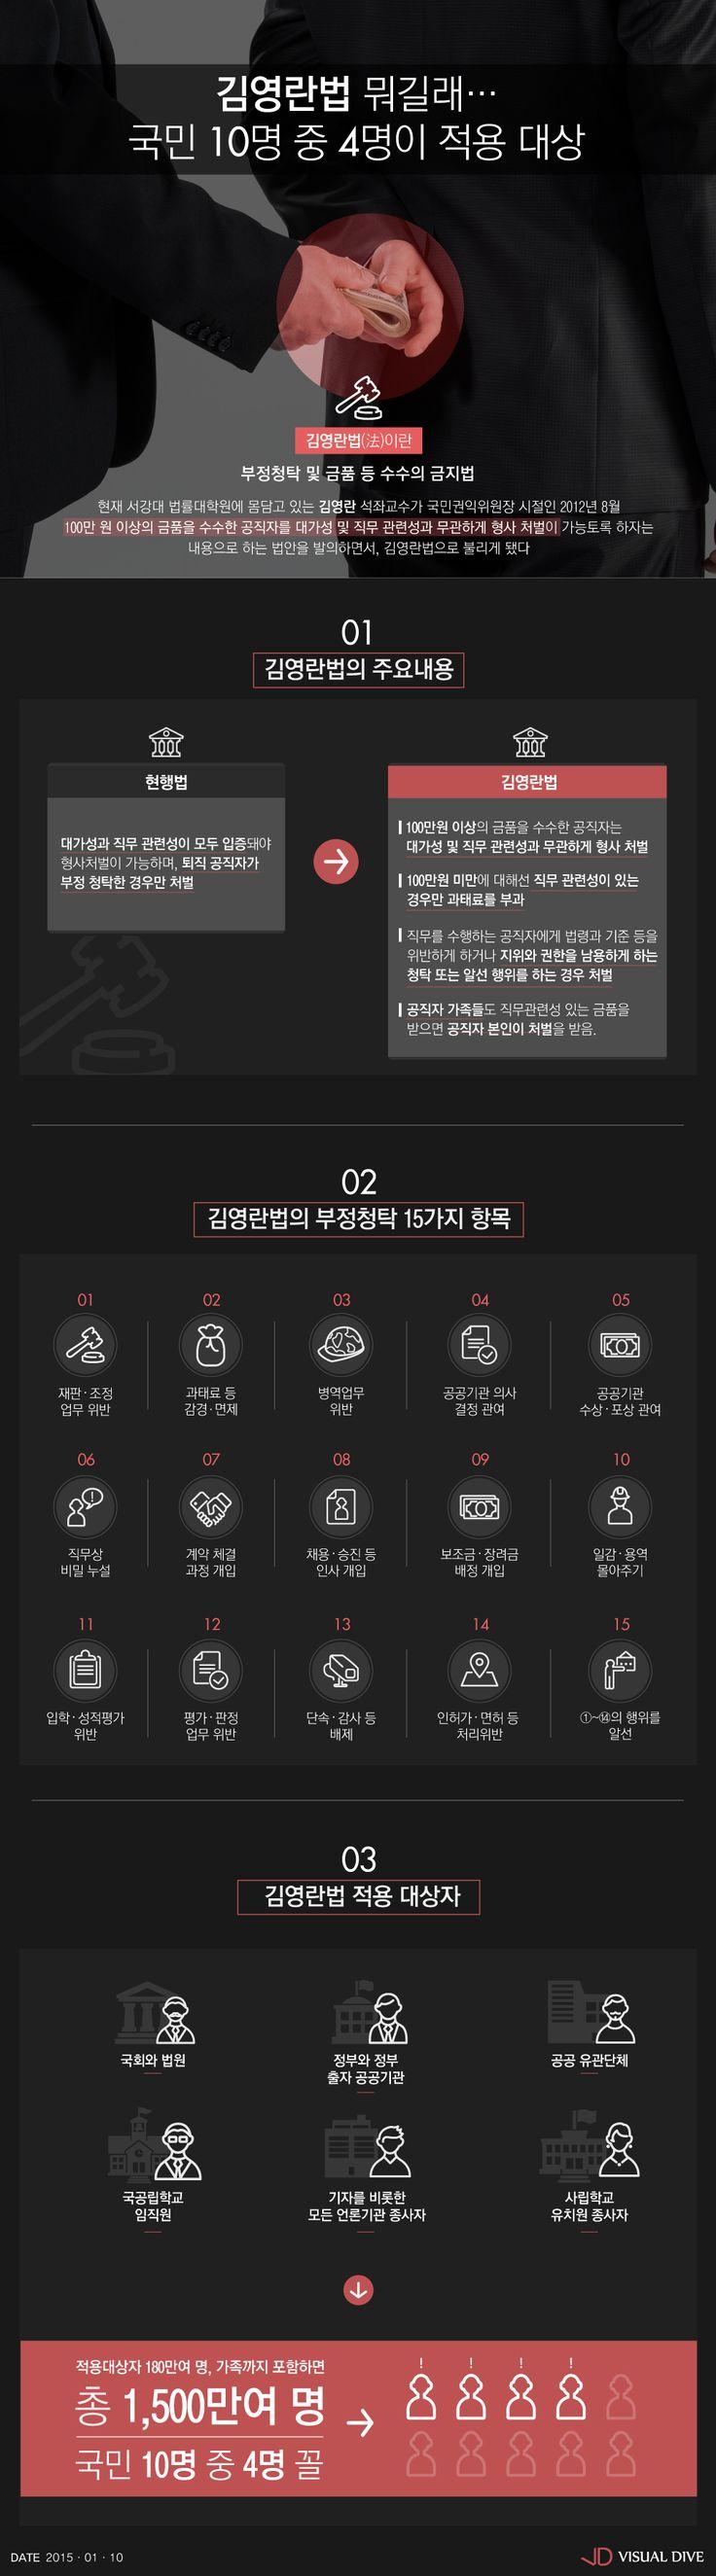 ' 김영란법 ' 국회 소위 통과…국민 10명 중 4명이 적용대상자 [인포그래픽] #corruptible / #Infographic ⓒ 비주얼다이브 무단 복사·전재·재배포 금지